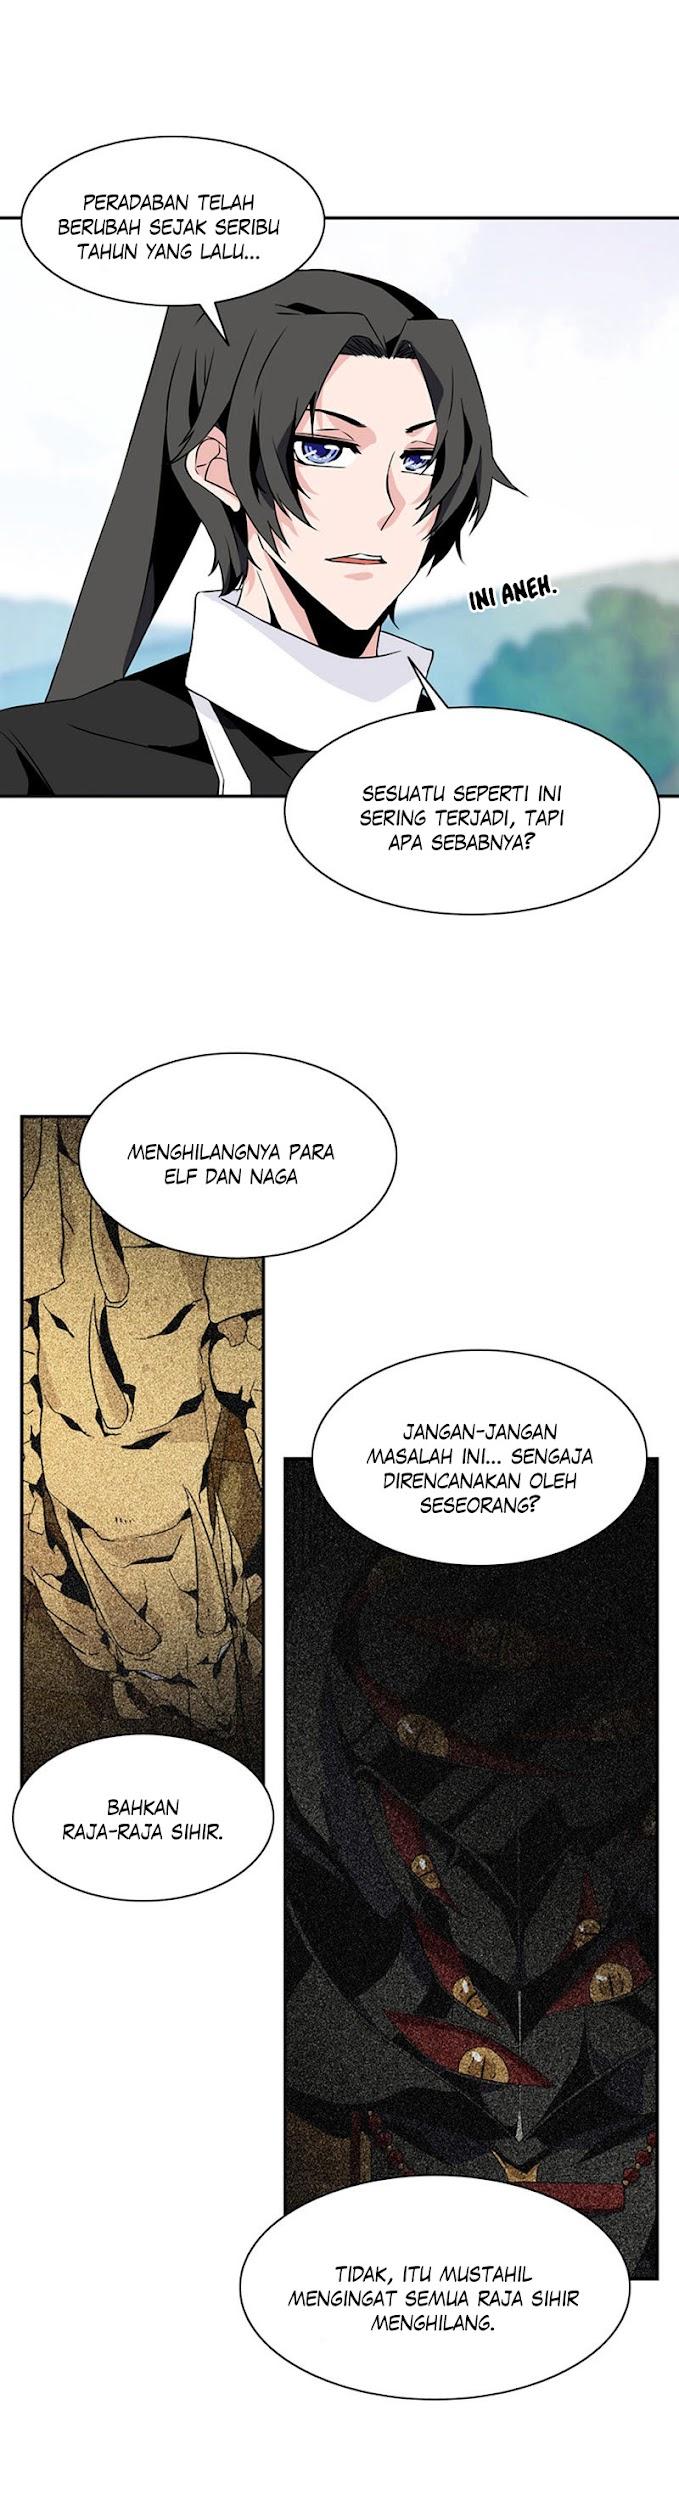 Dilarang COPAS - situs resmi www.mangacanblog.com - Komik wizardly tower 043 - chapter 43 44 Indonesia wizardly tower 043 - chapter 43 Terbaru 7 Baca Manga Komik Indonesia Mangacan